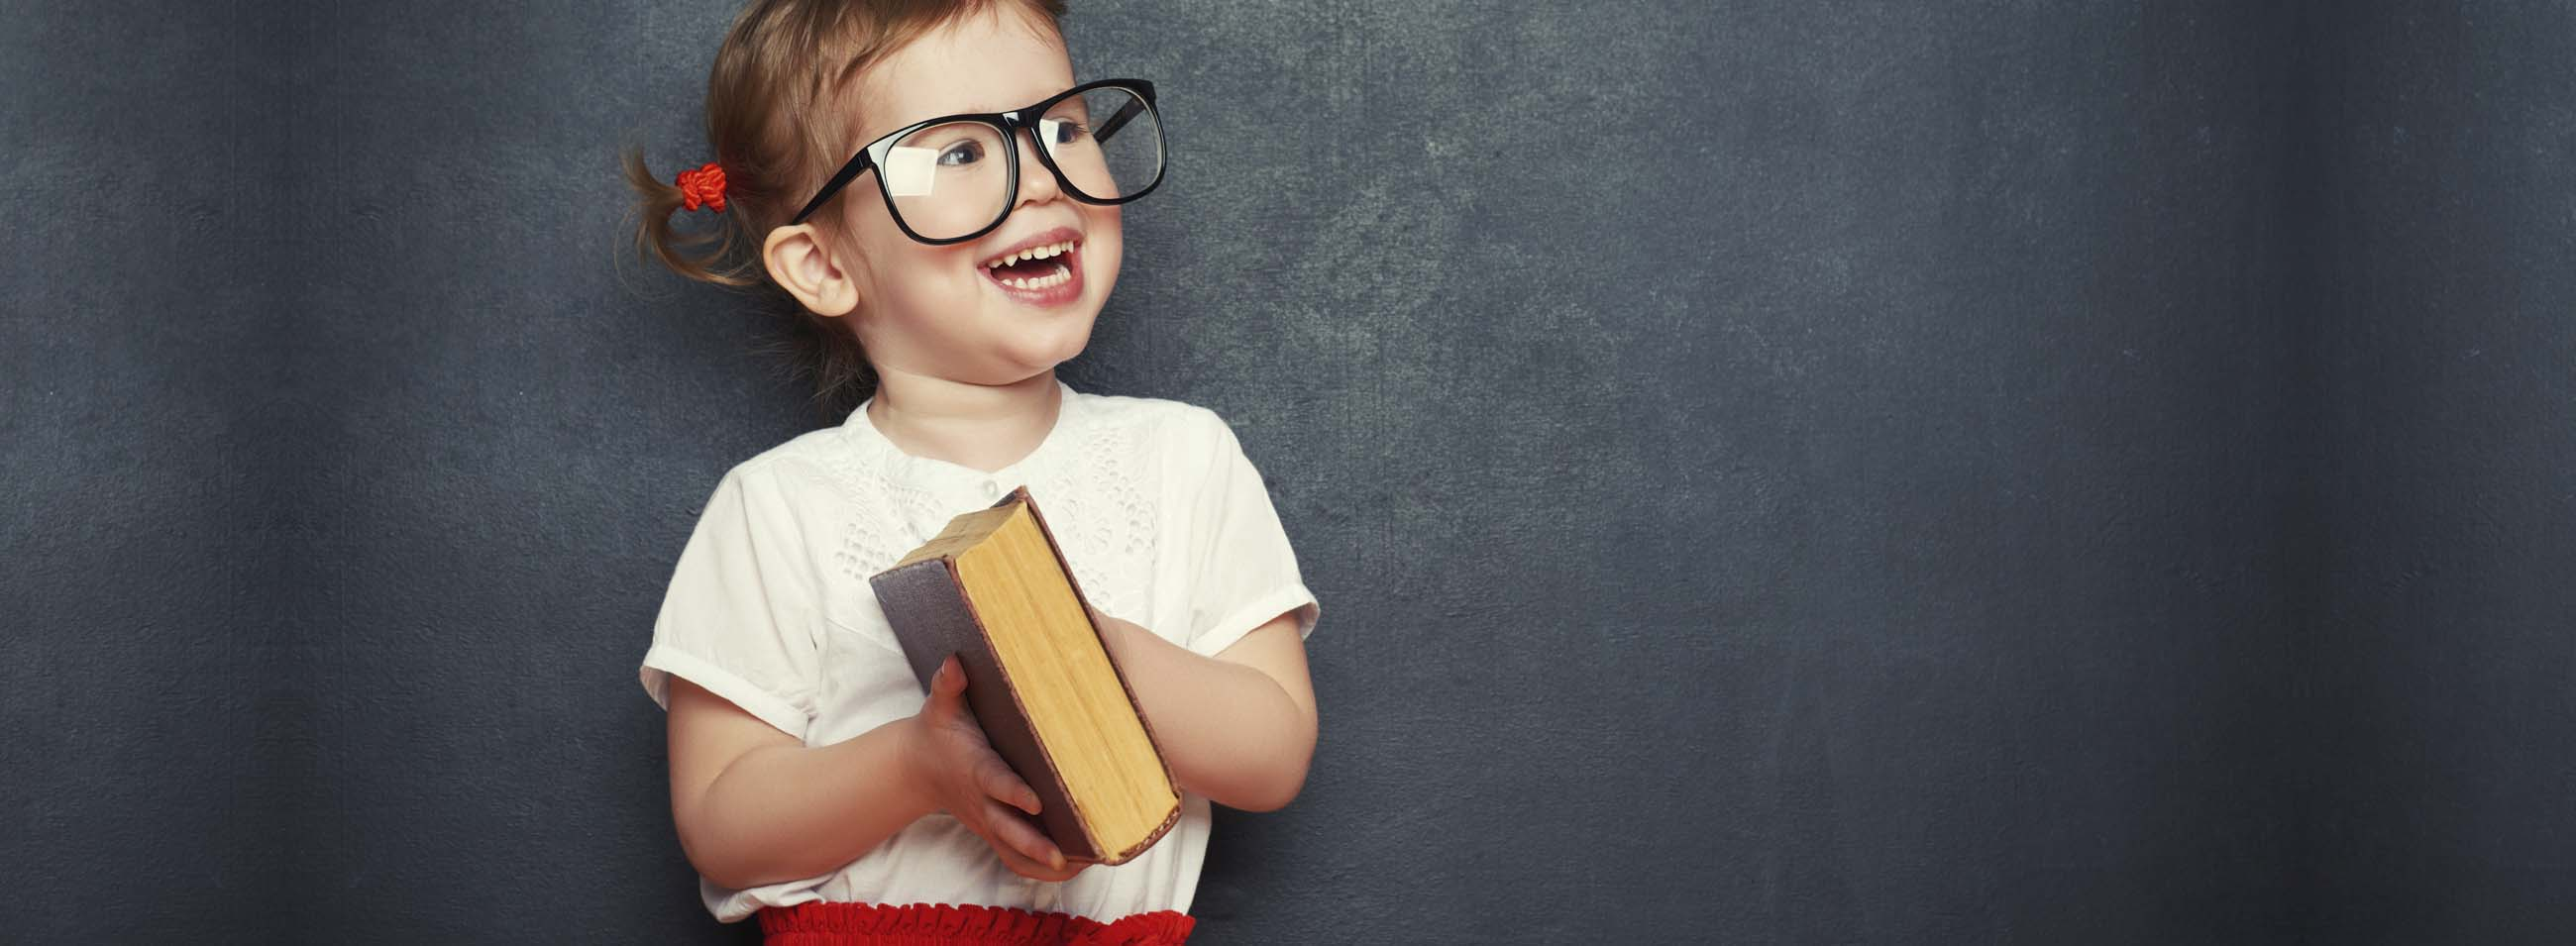 ciencia para niños, libros de ciencia para niños, libros informativos, álbumes ilustrados bonitos